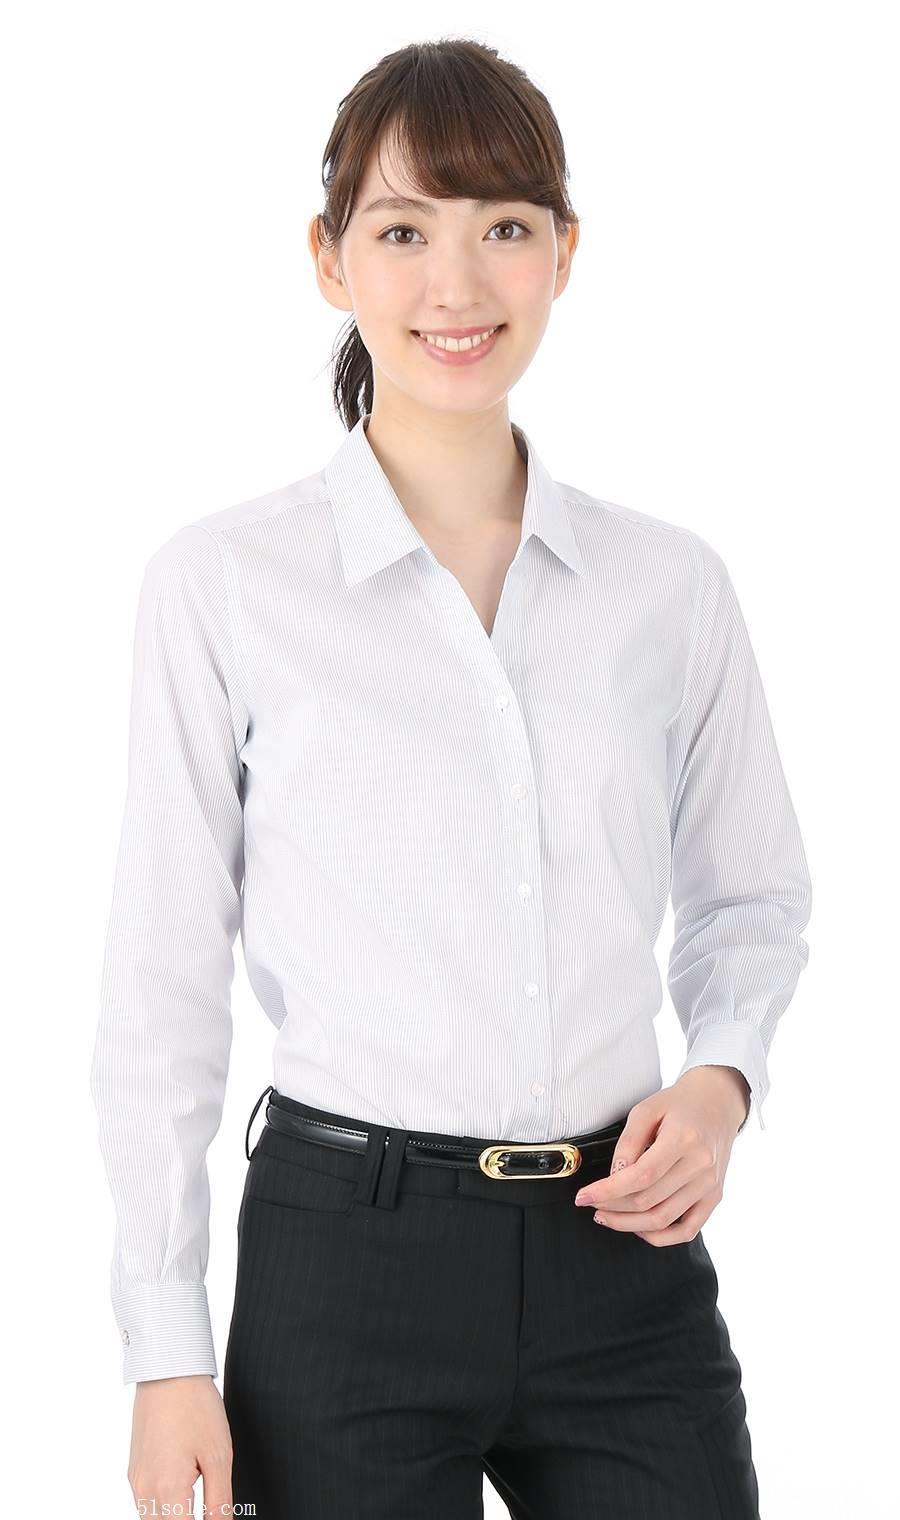 花都區襯衫定制,花山商務襯衫訂做,定做襯衫廠家,襯衫量身定做